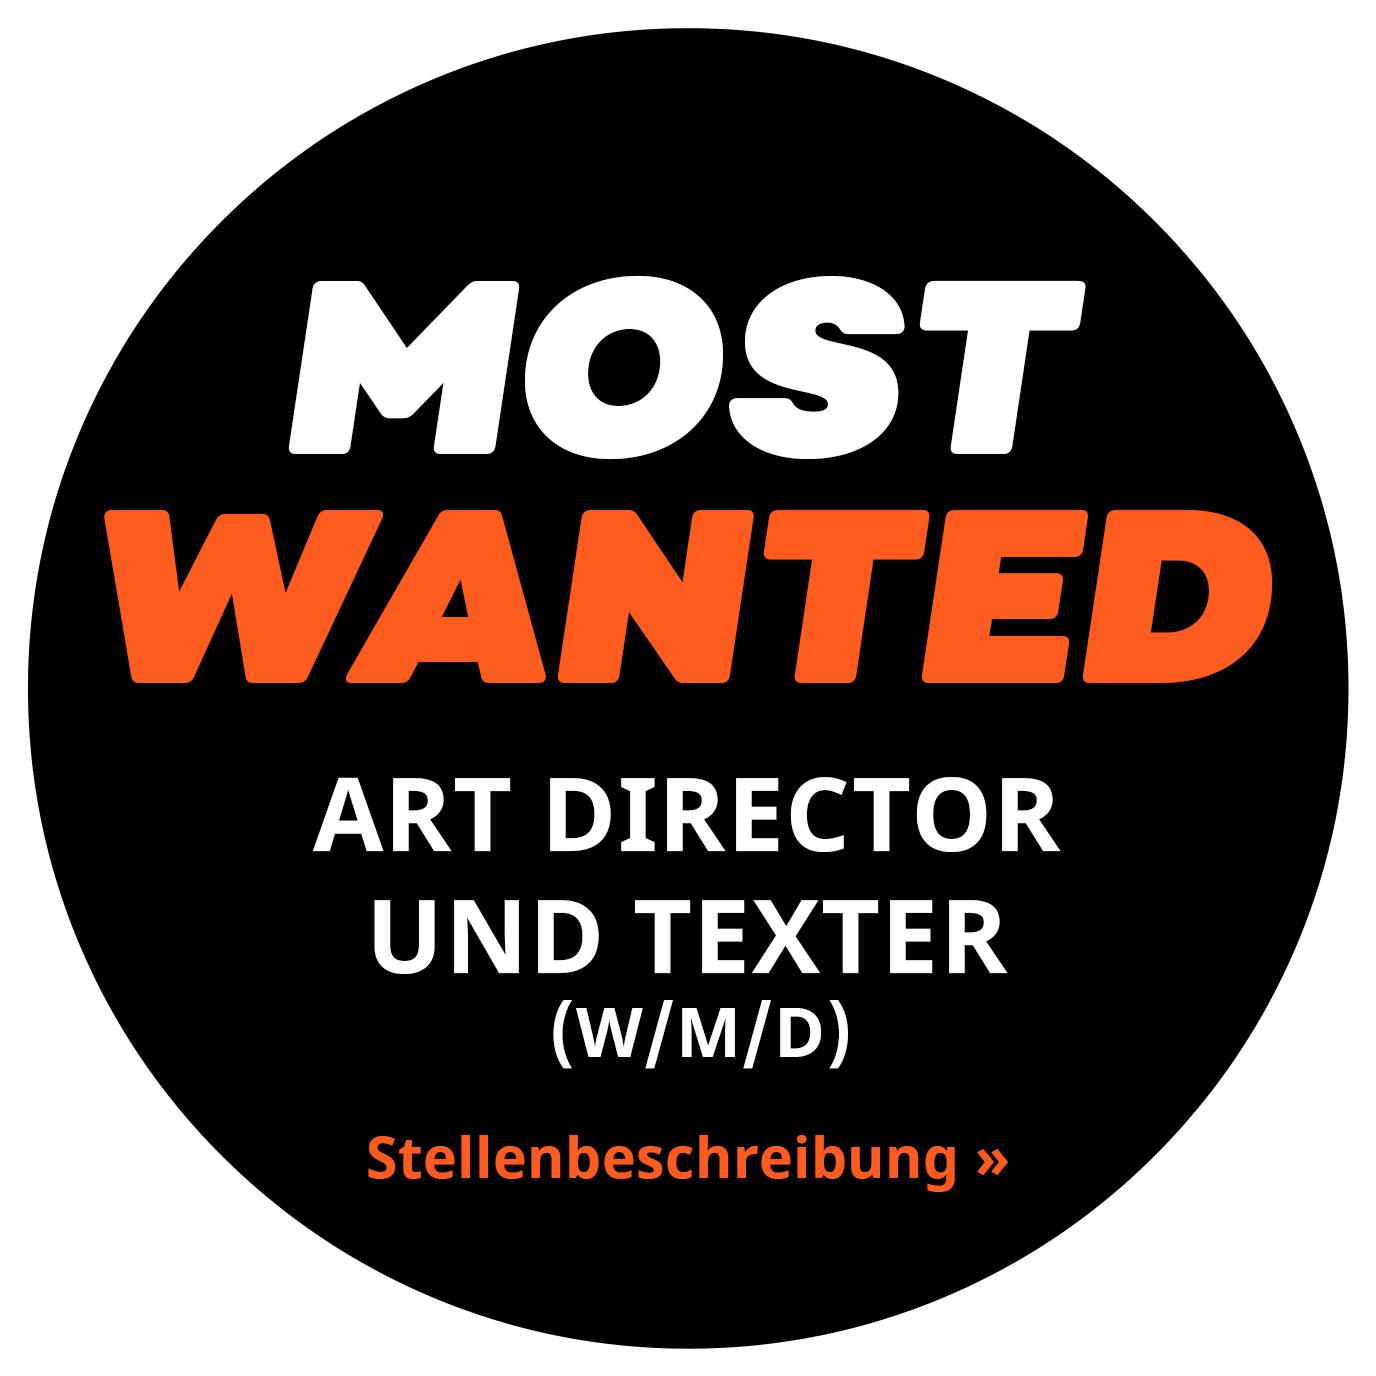 Art Director und Texter gesucht